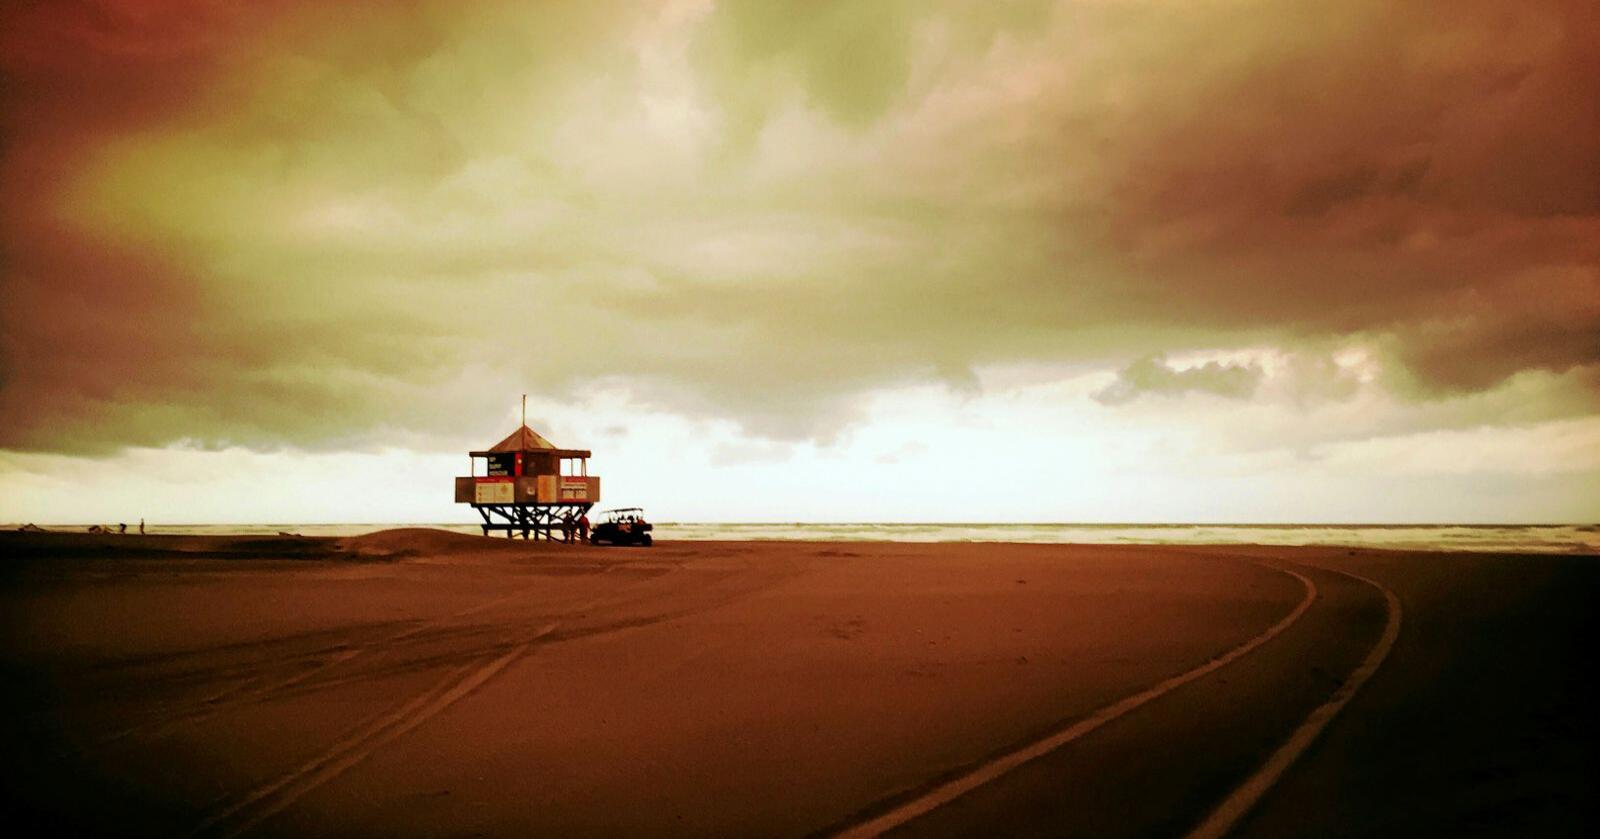 Fjoråret var det nest varmeste som noen gang er målt. I Australia har tørke og høye temperaturer bidratt til de enorme skogbrannene som herjer landet. Røyken dekker himmelen over Bethells Beach i New Zealand, over 2.000 kilometer unna. Foto: Michael Craig / New Zealand Herald / AP / NTB scanpix